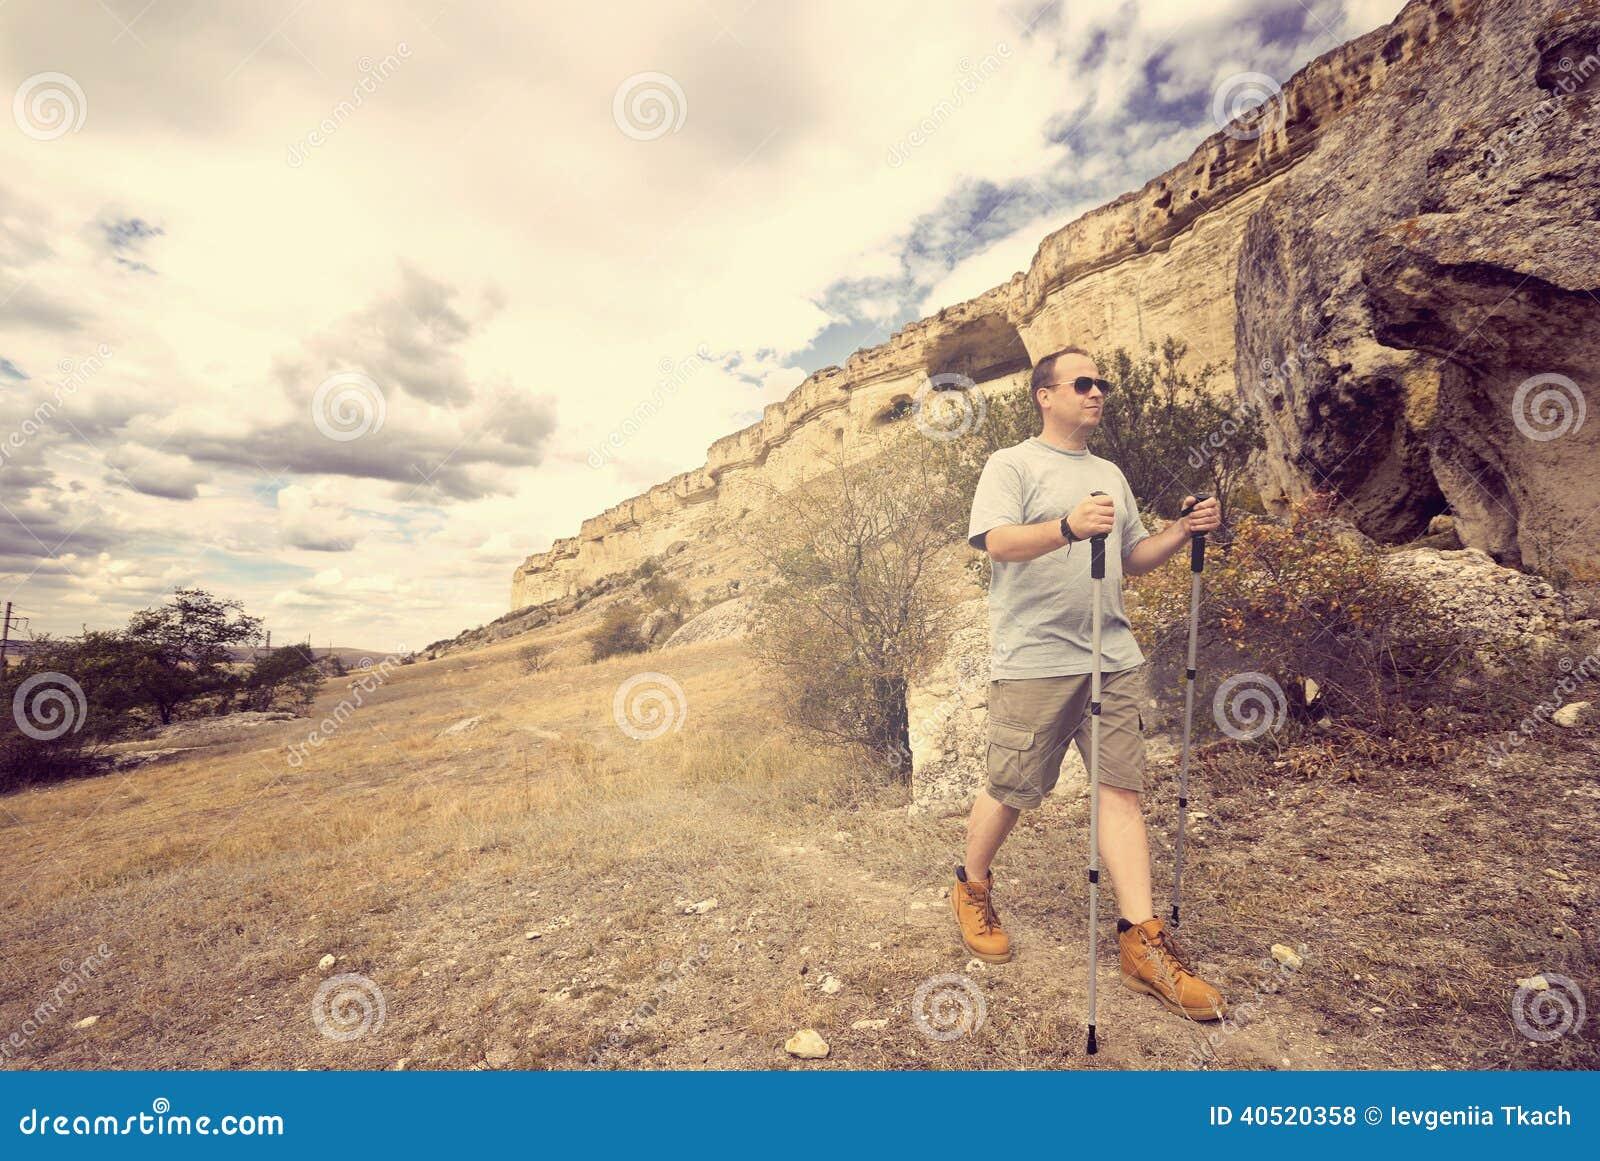 De volwassen mens wandelt met trekkingspolen